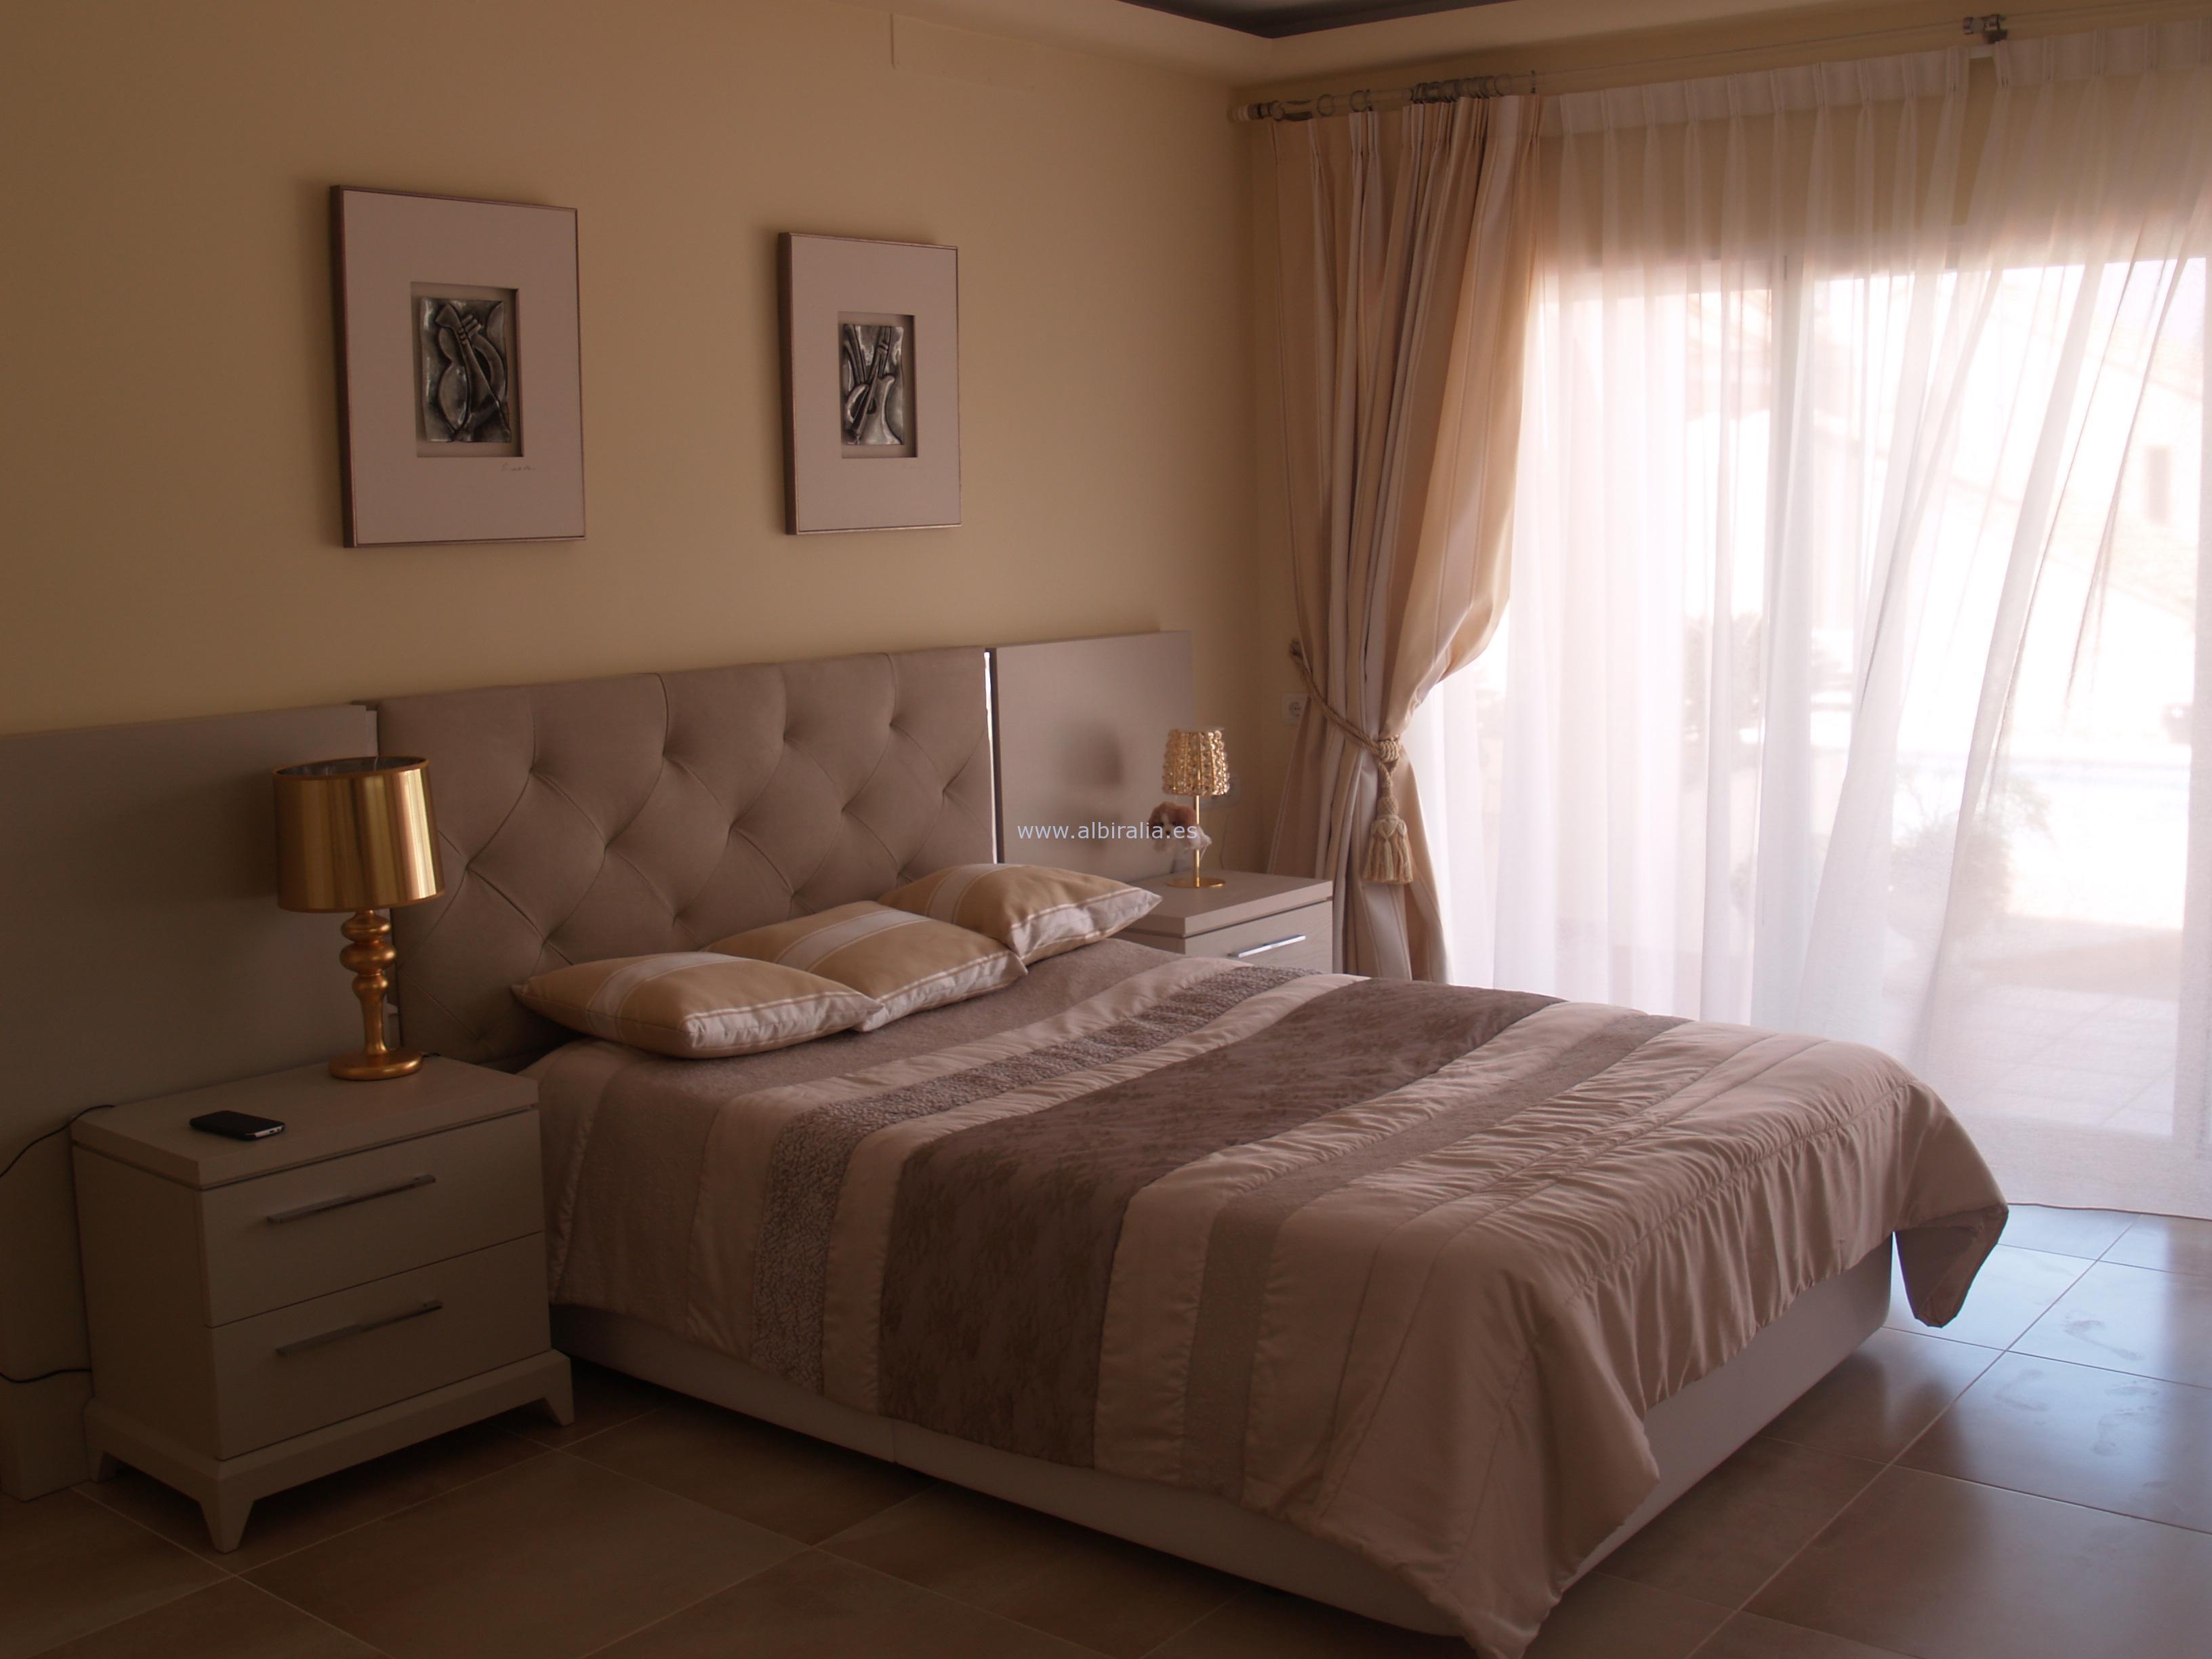 Villa in Albir I V120